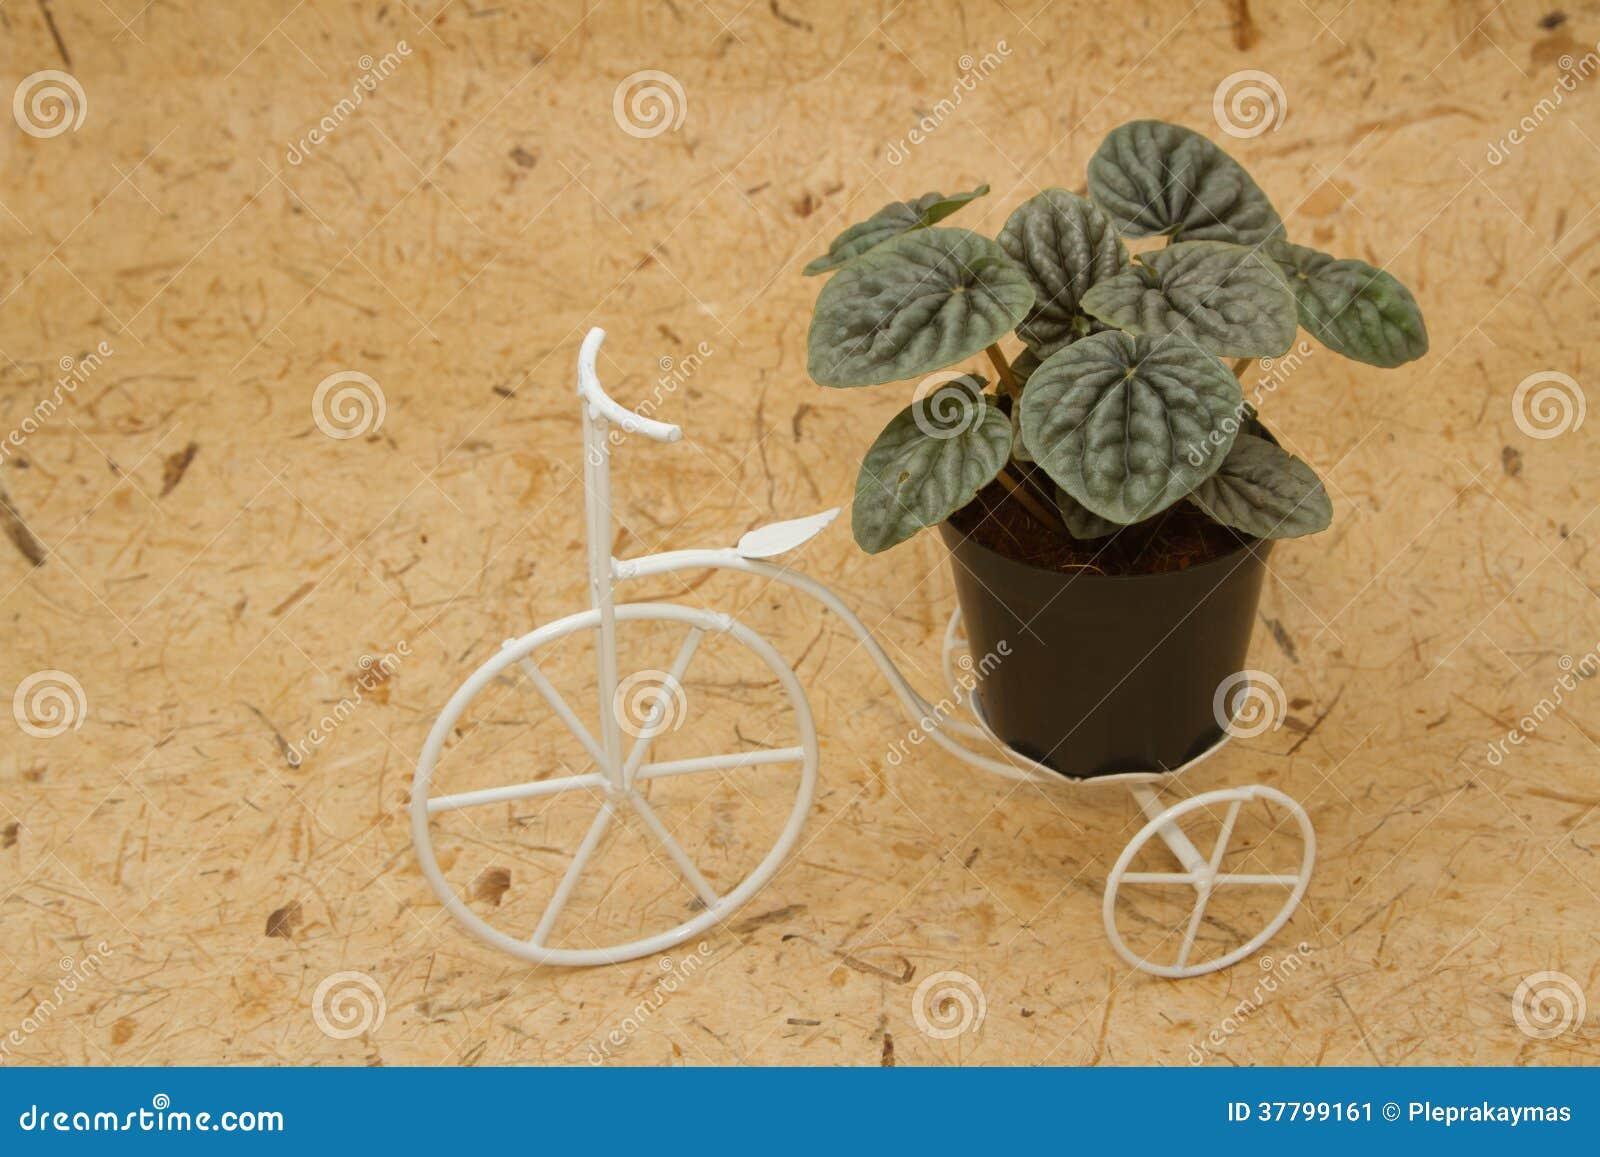 Zimmerpflanze Auf Weinlesefahrrad Stockbild Bild Von Potentiometer